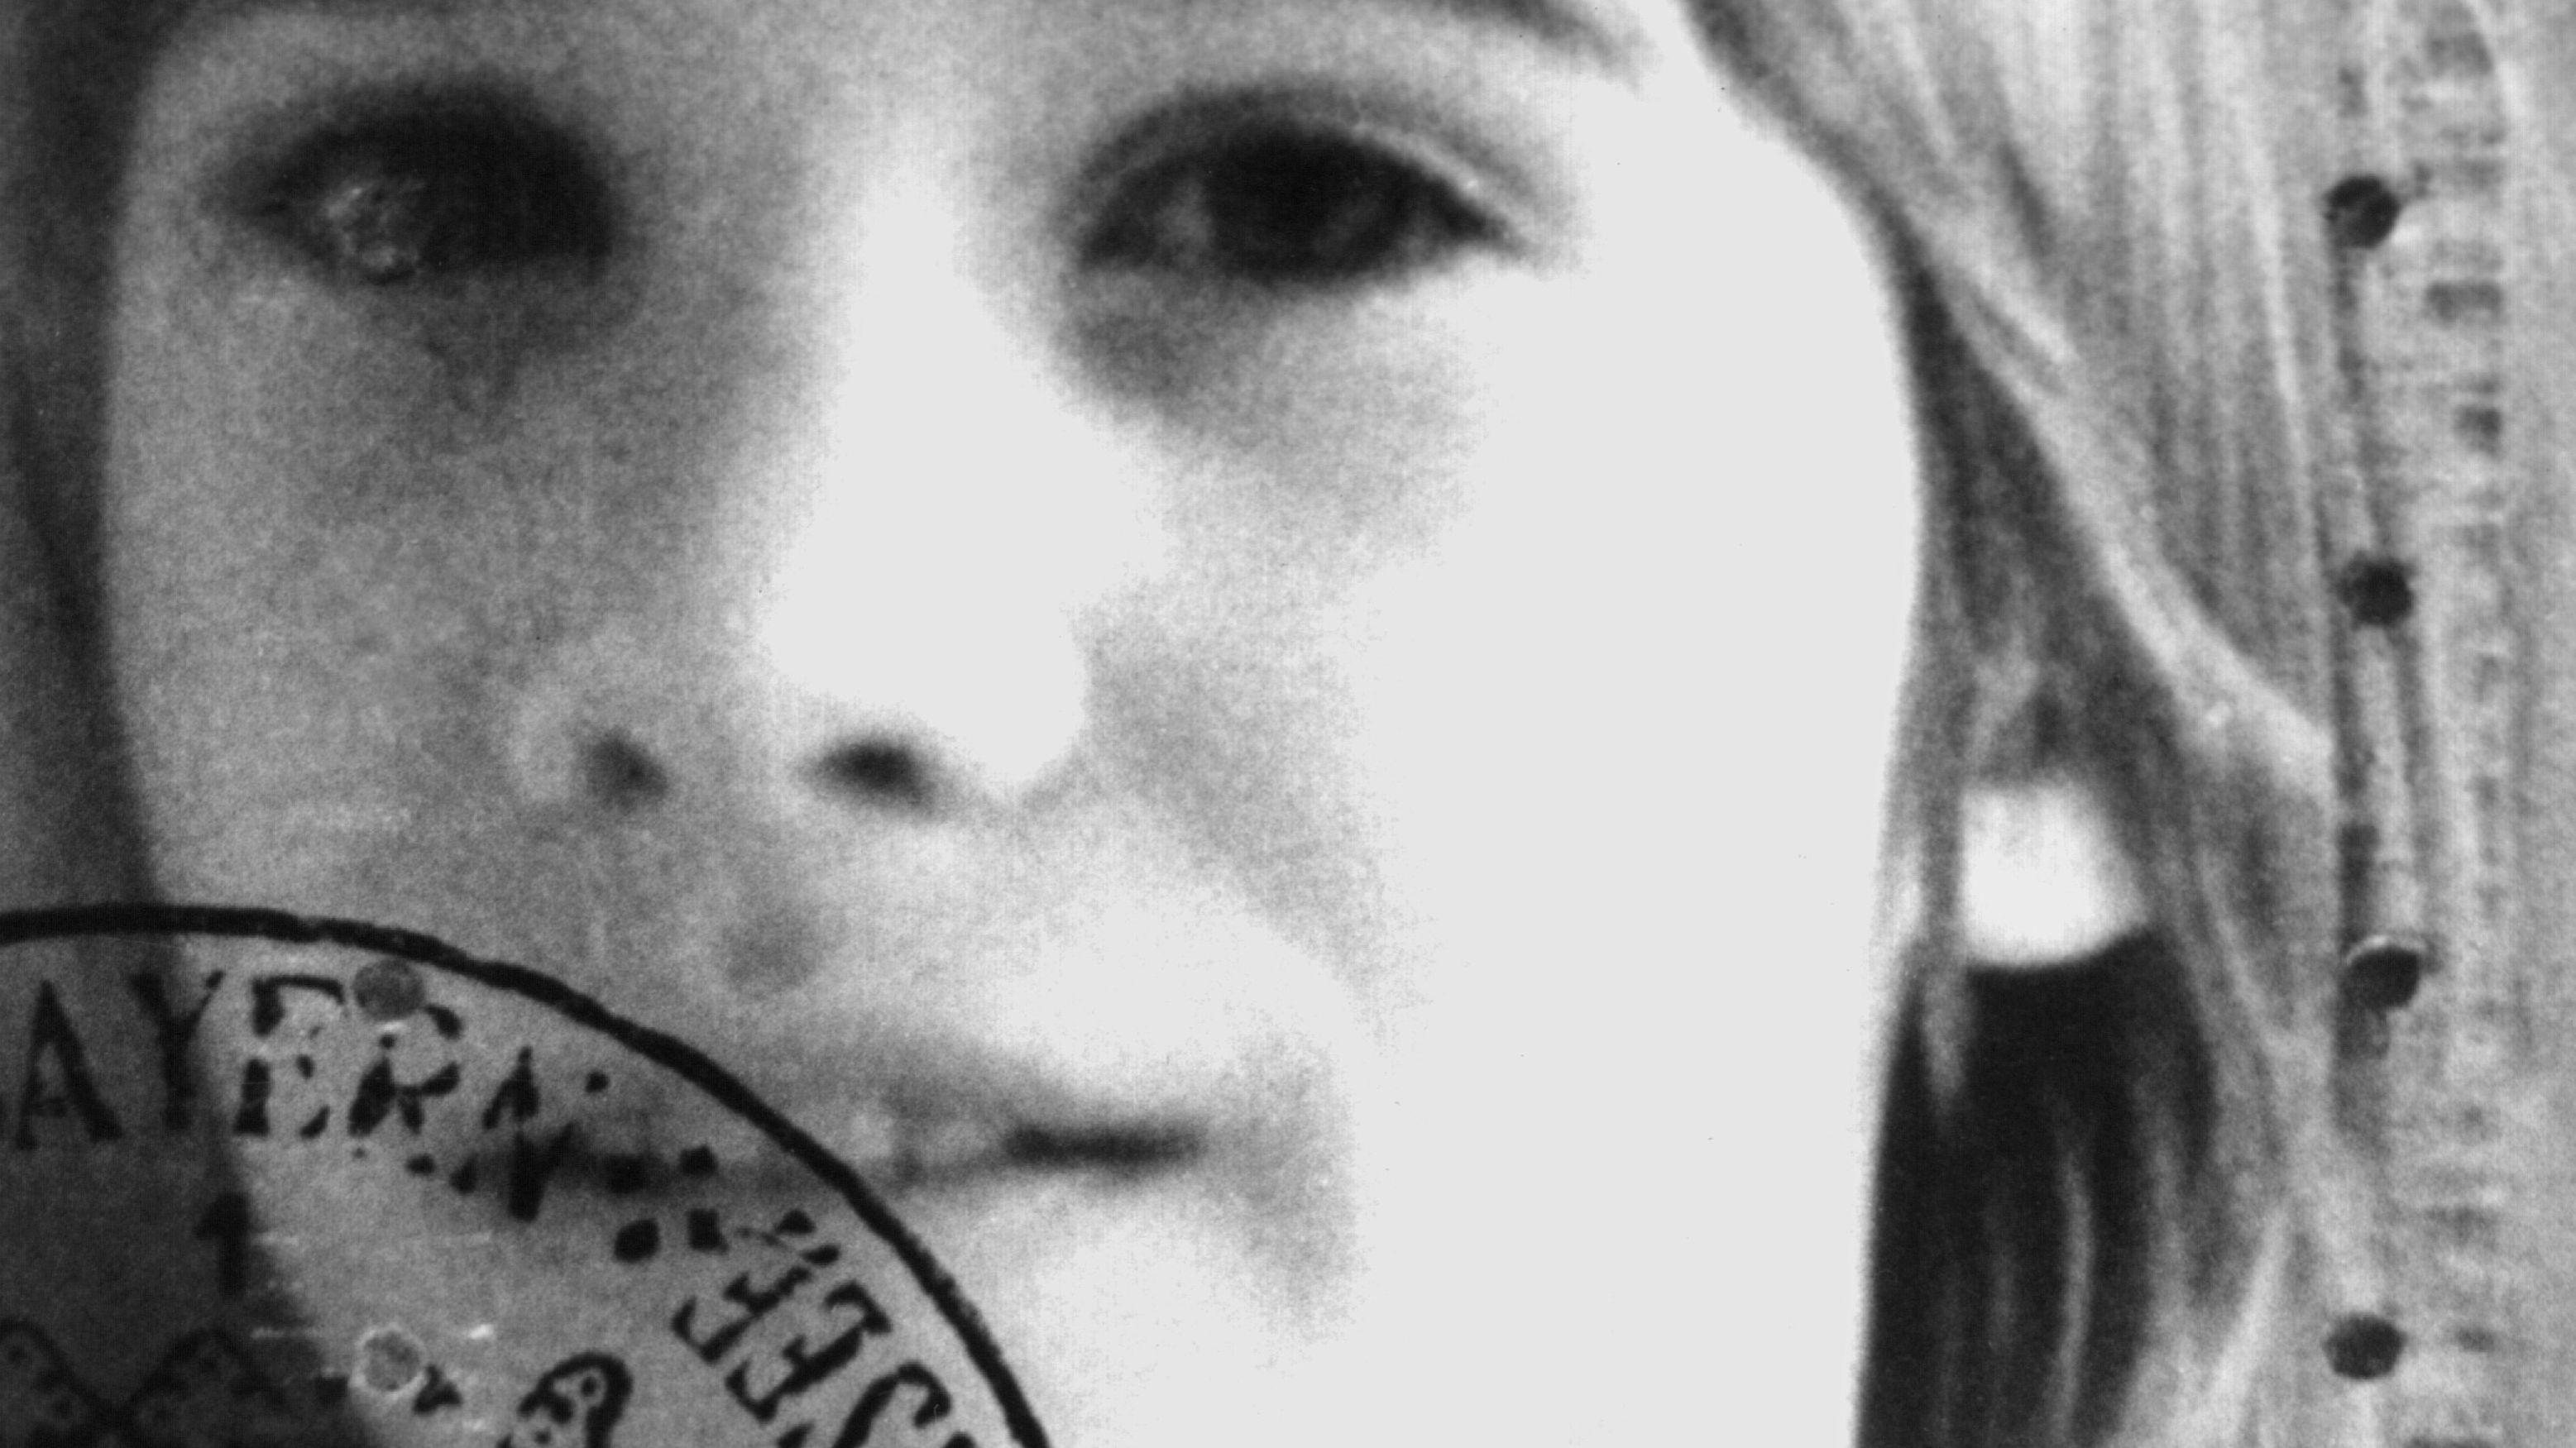 Schwarz-weiß-Aufnahme eines Kindes